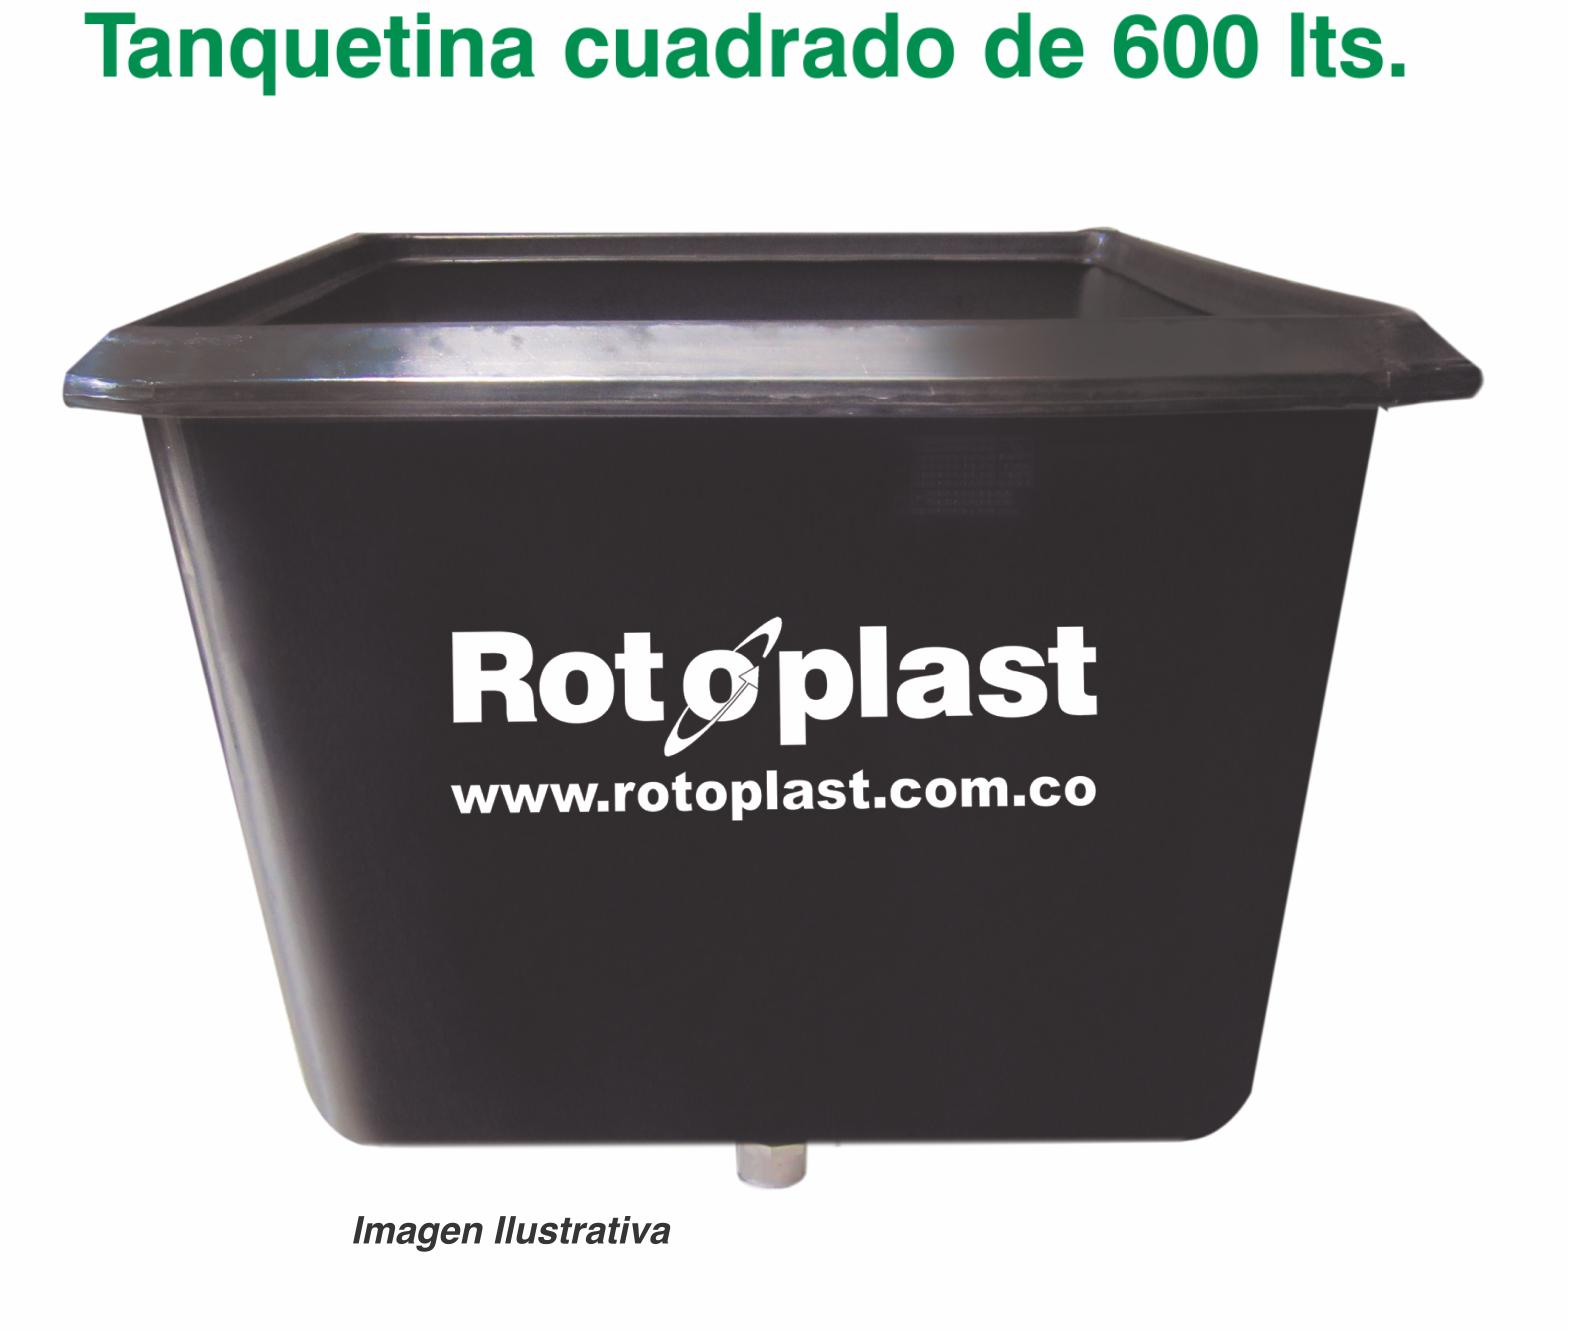 Tanque pl%c3%a1stico para lavado de caf%c3%a9 rotoplast